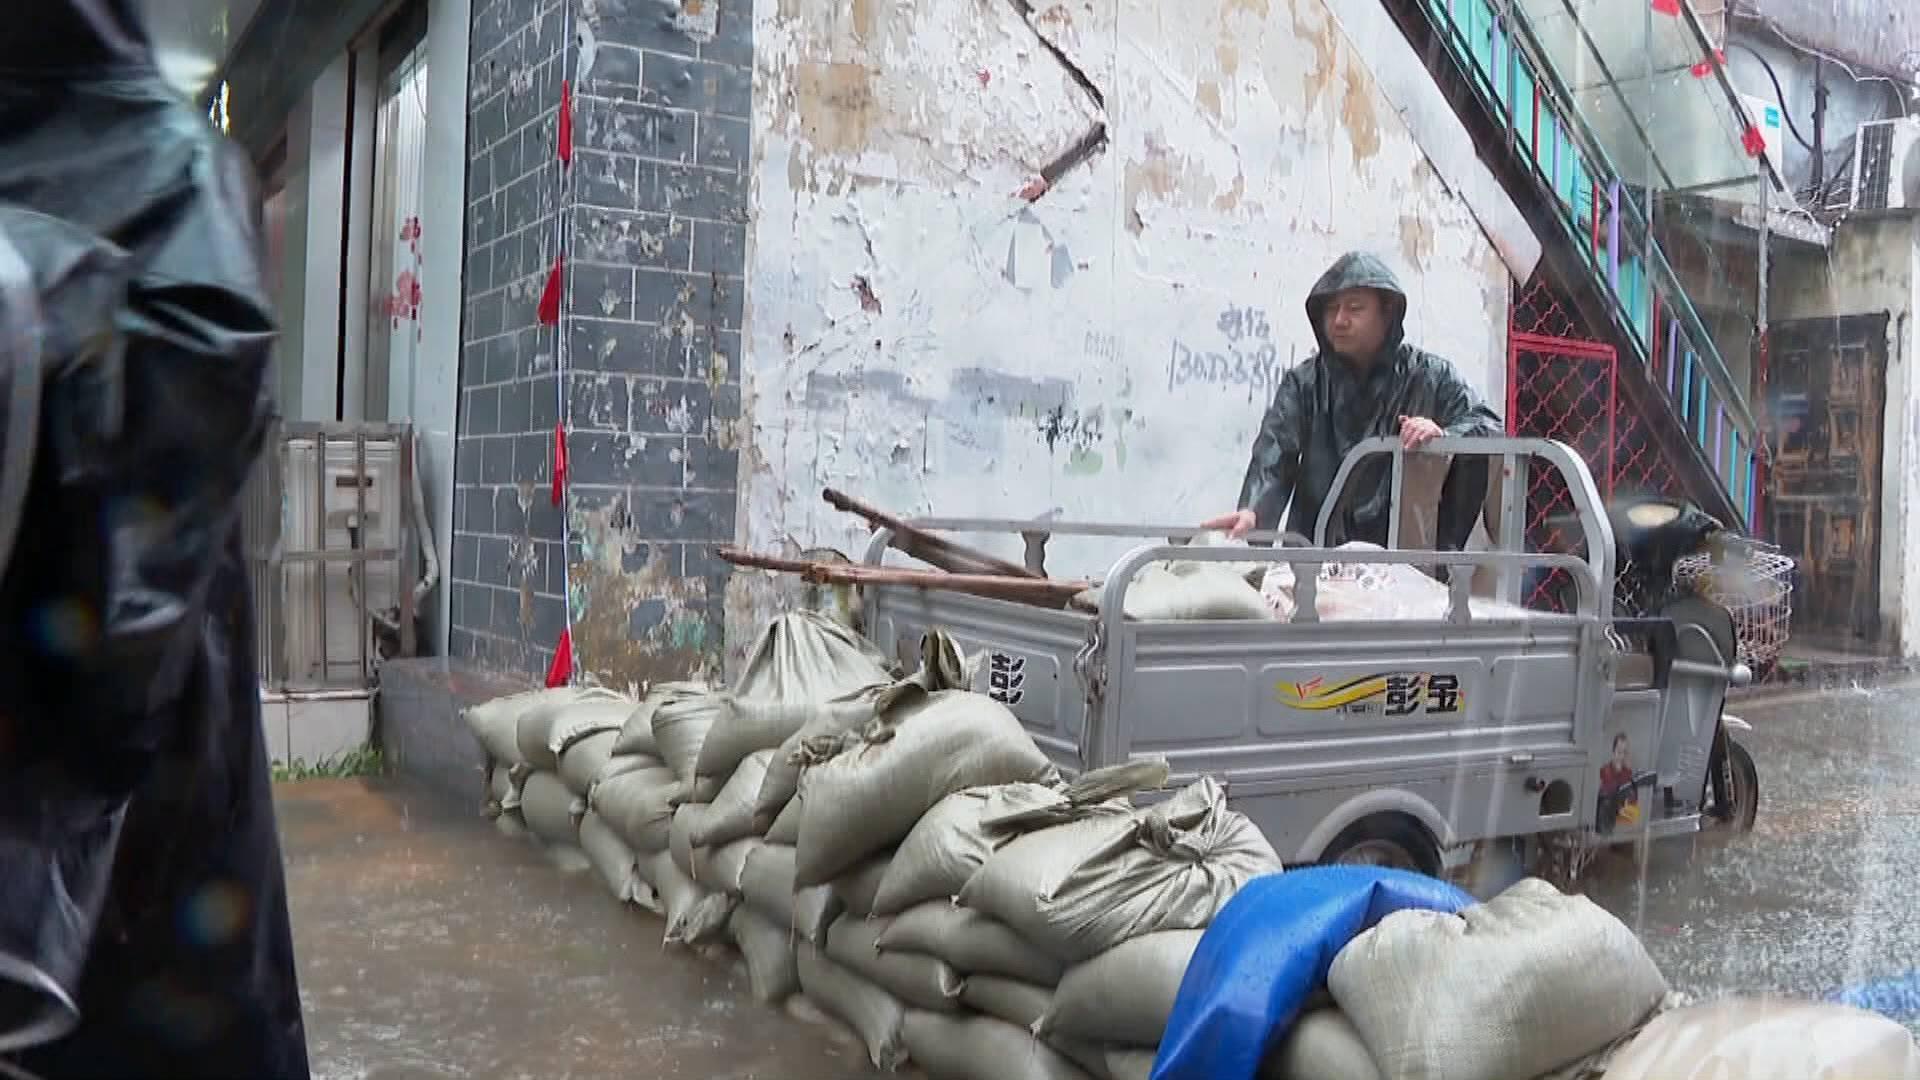 臺兒莊區一老舊小區積水超半米 200多名黨員干部緊急排水、勸離居民